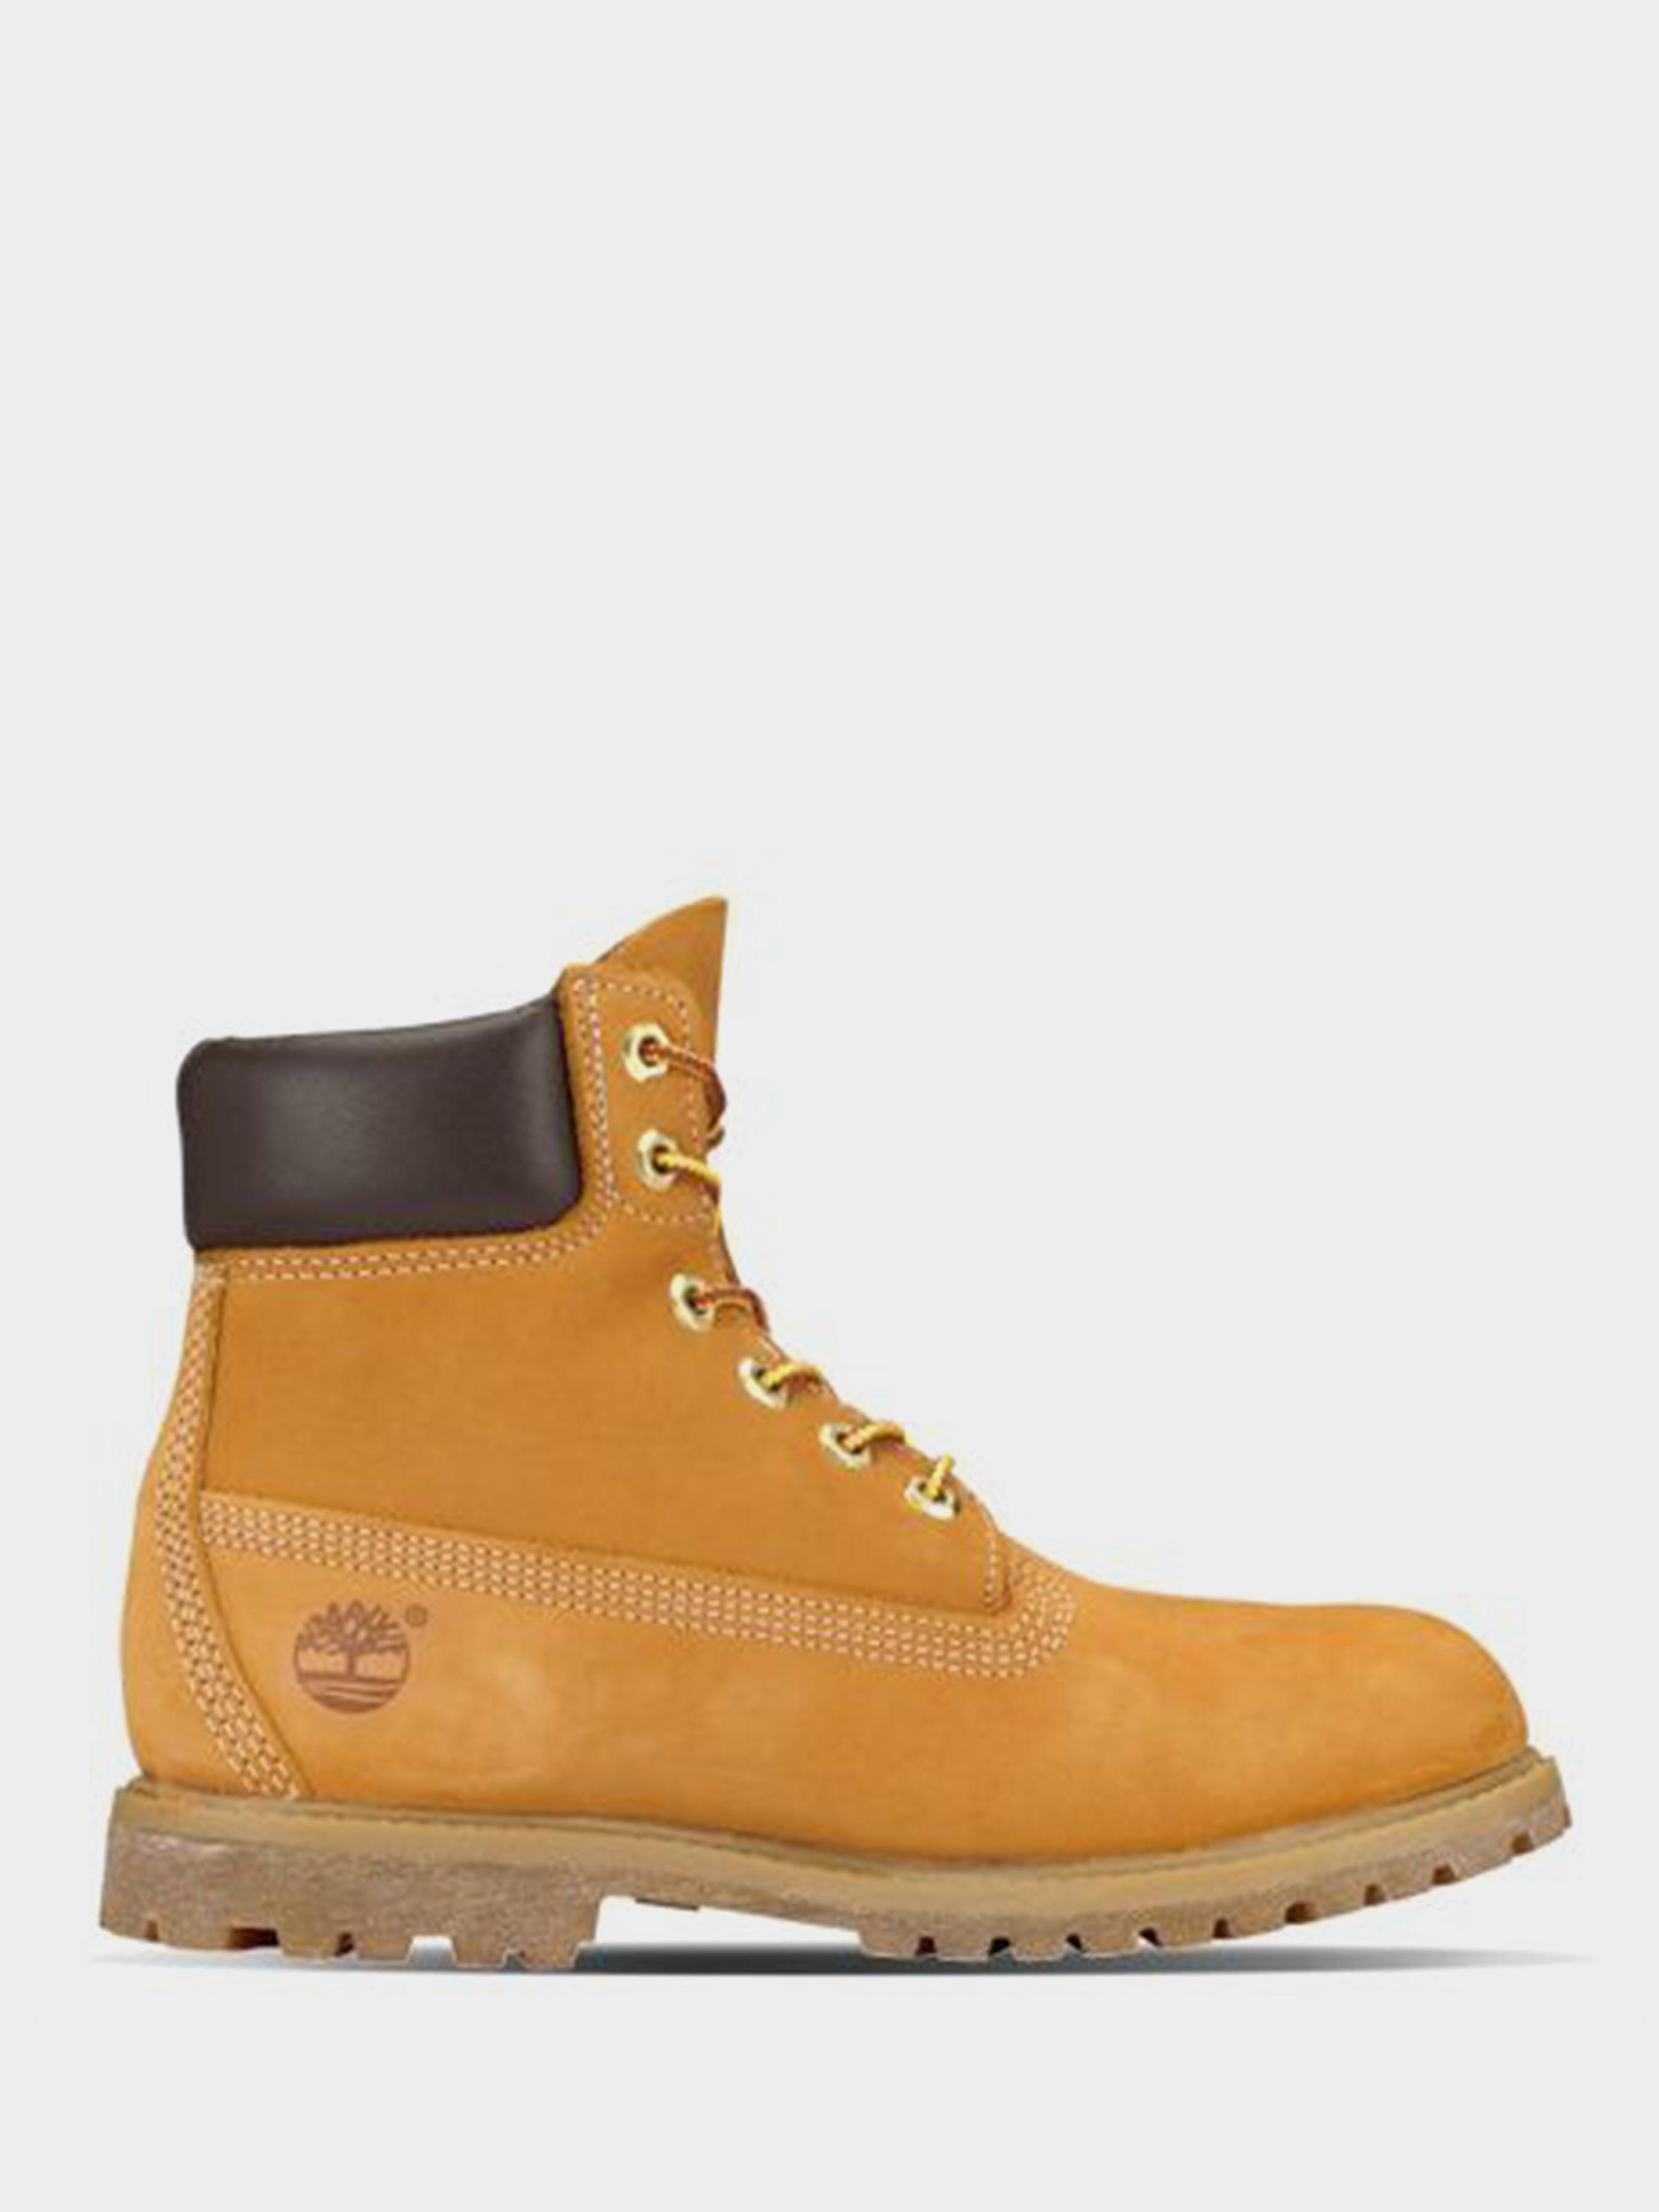 Купить Ботинки женские Timberland Timberland Premium TG2325, Желтый